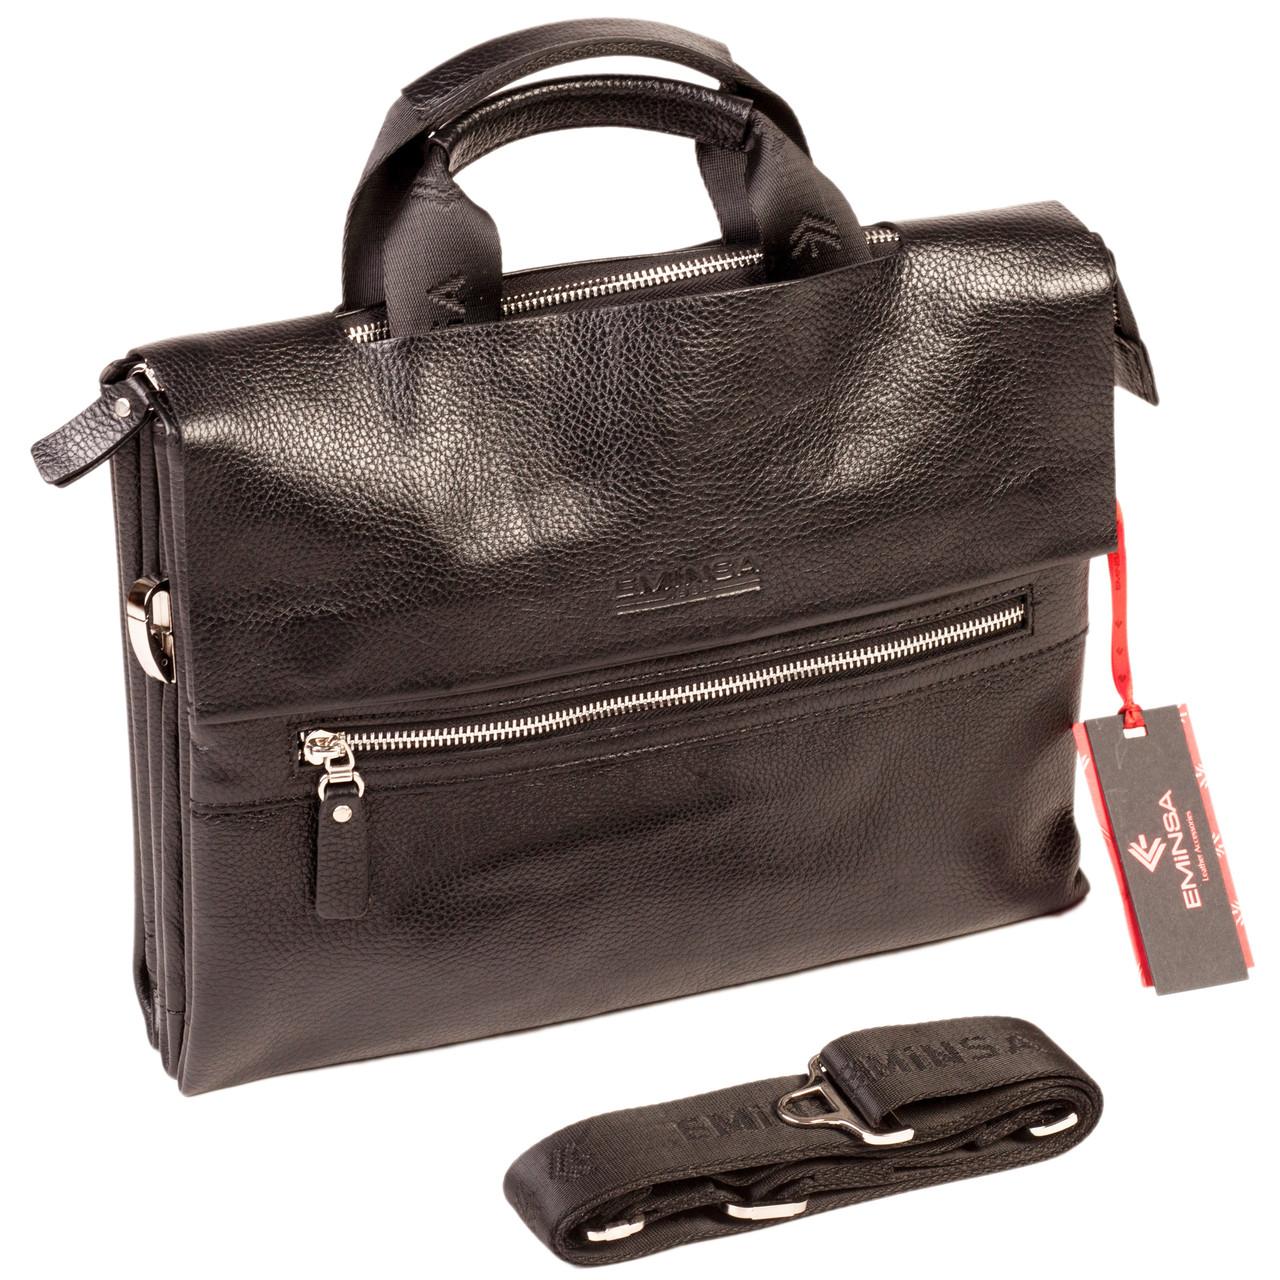 Мужская сумка Eminsa 7102-18-1 кожаная черная